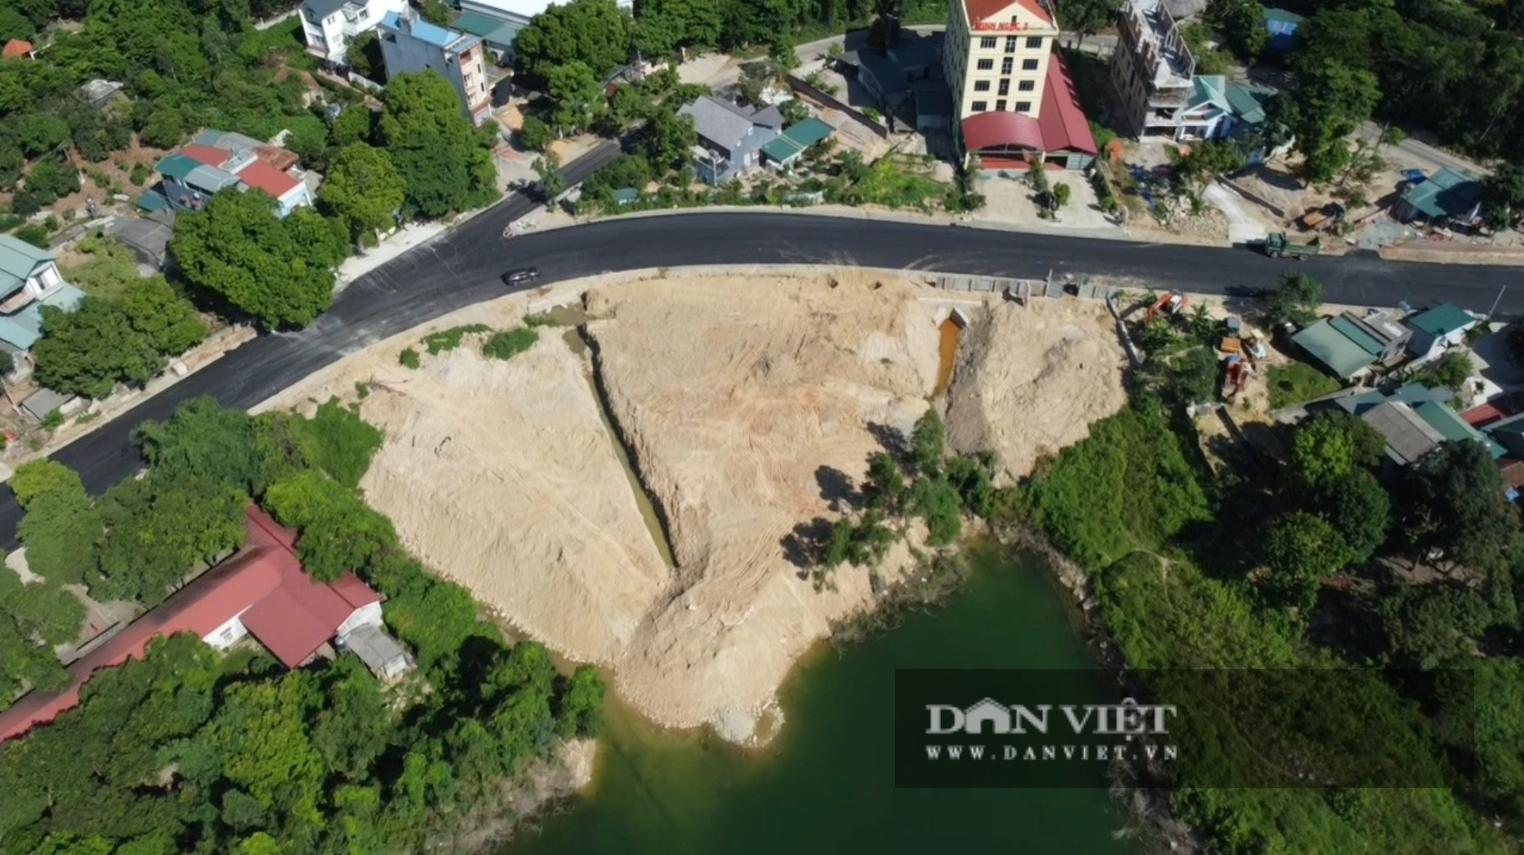 Tam Đảo (Vĩnh Phúc): Hồ thủy lợi Làng Hà bị xâm lấn nghiêm trọng - Ảnh 2.